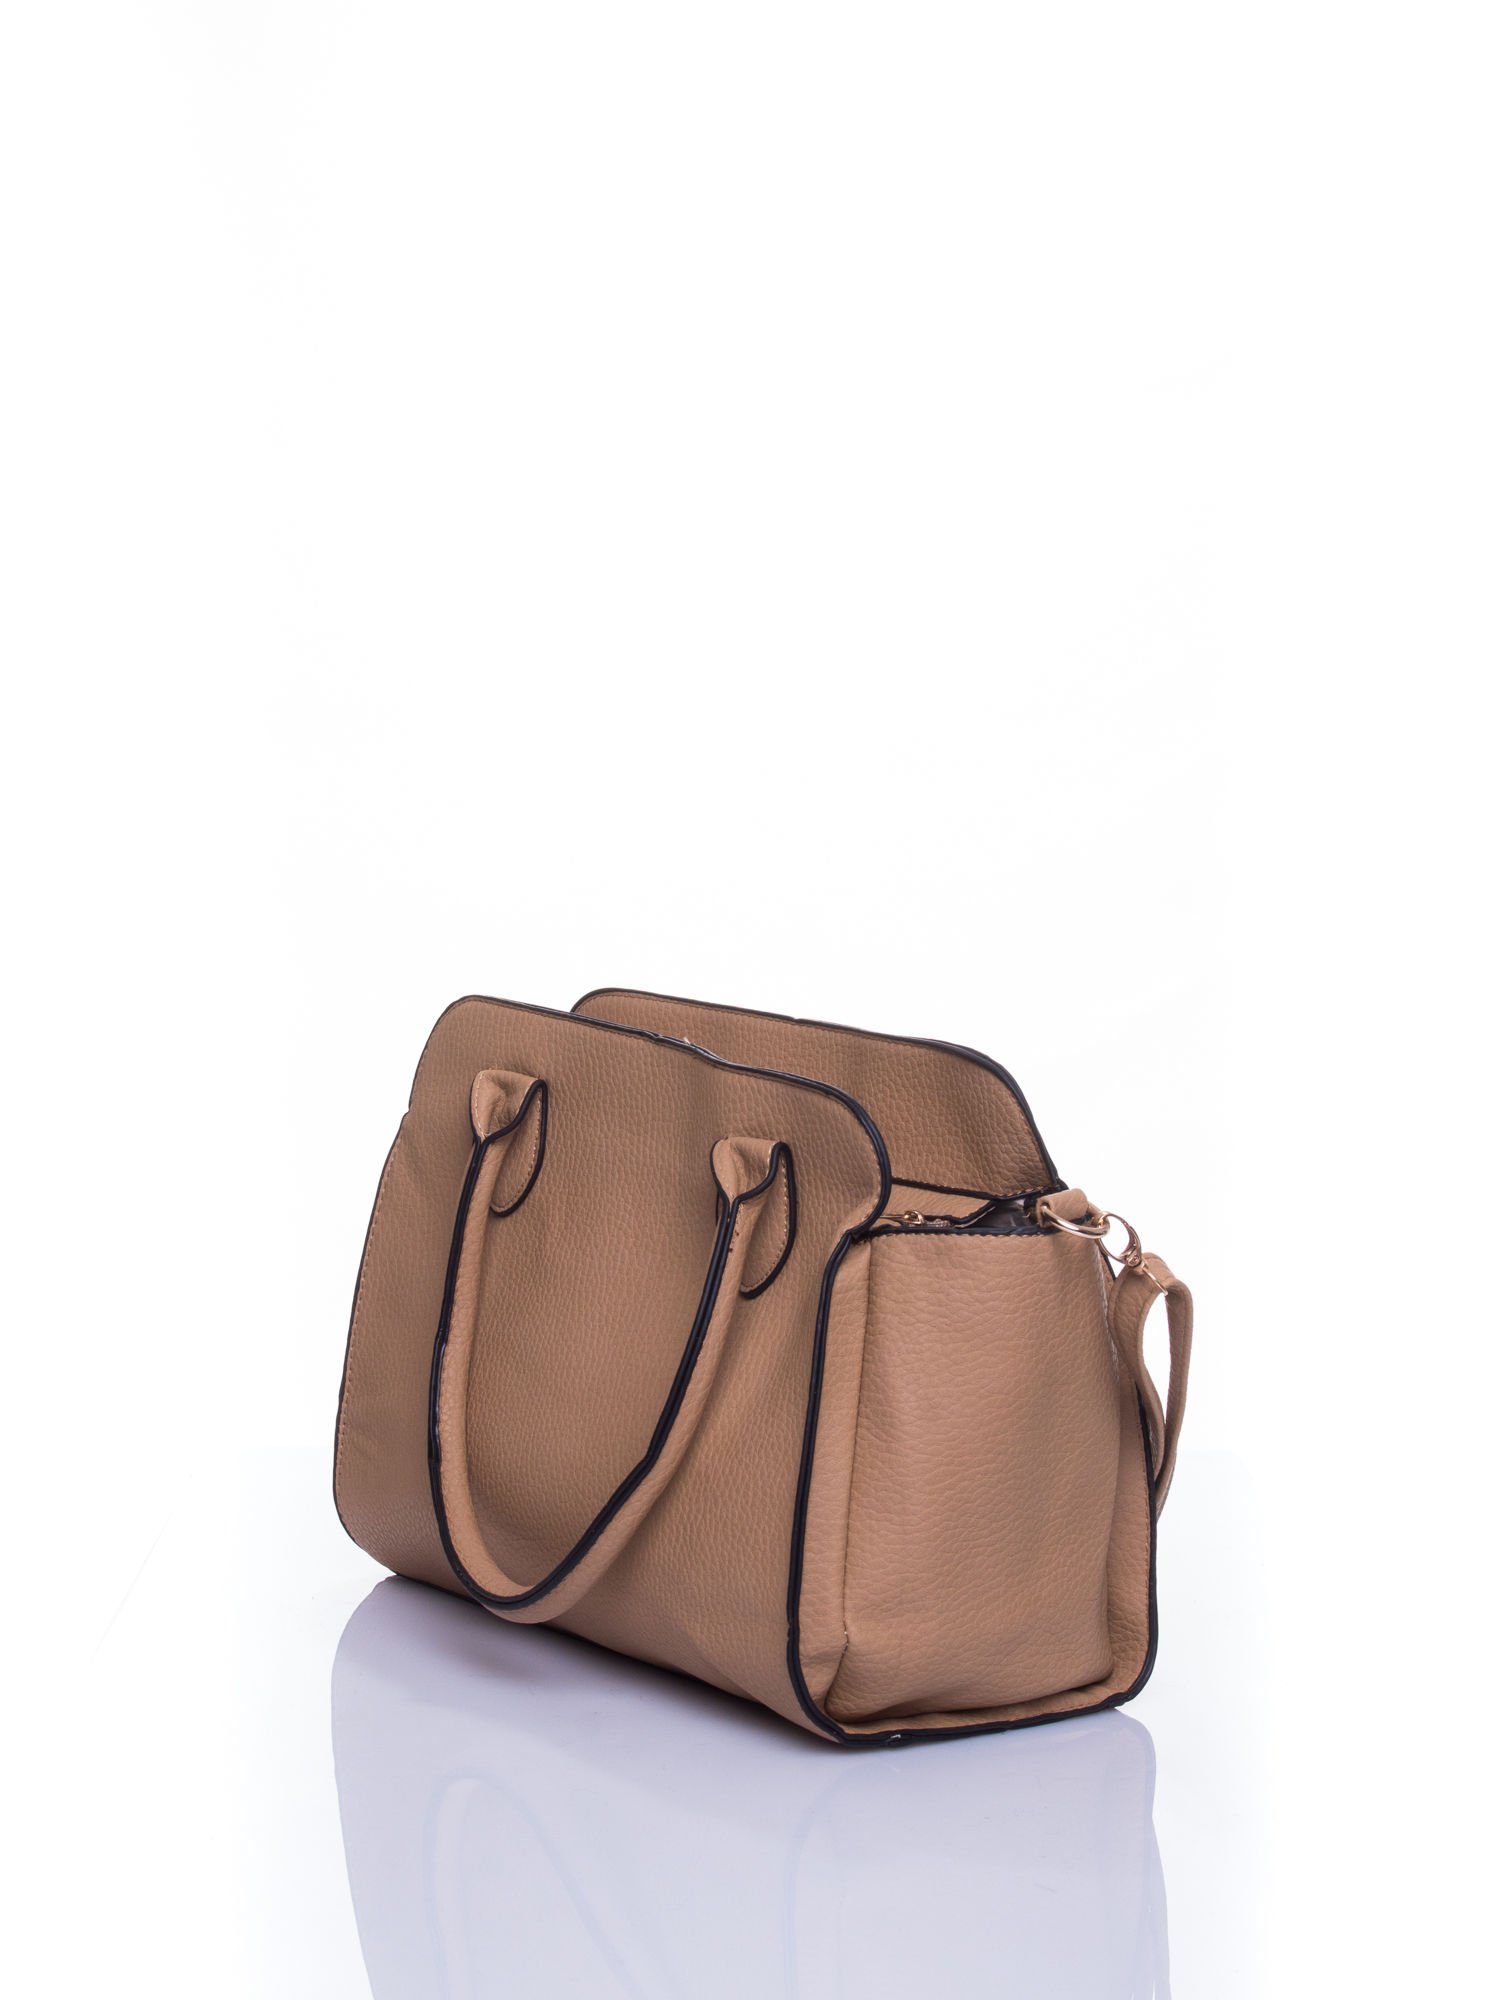 Brązowa torba z klamrami z odpinanym paskiem                                  zdj.                                  4